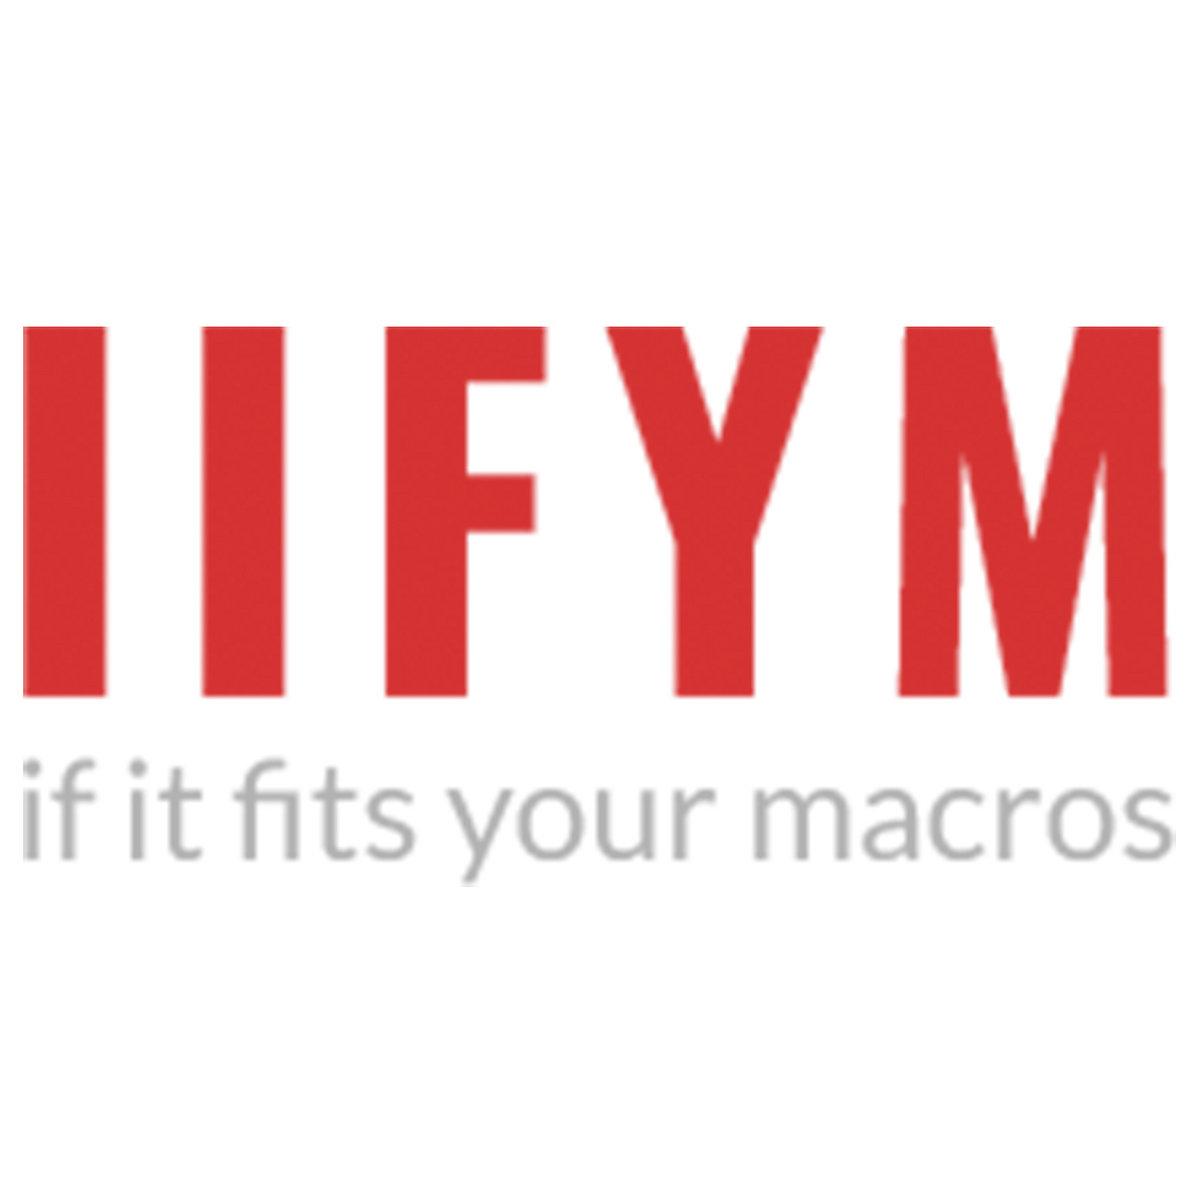 Egy újfajta, a rugalmas diéta, azaz az IIFYM alapjai | Peak girl - Fogyni rugalmasság